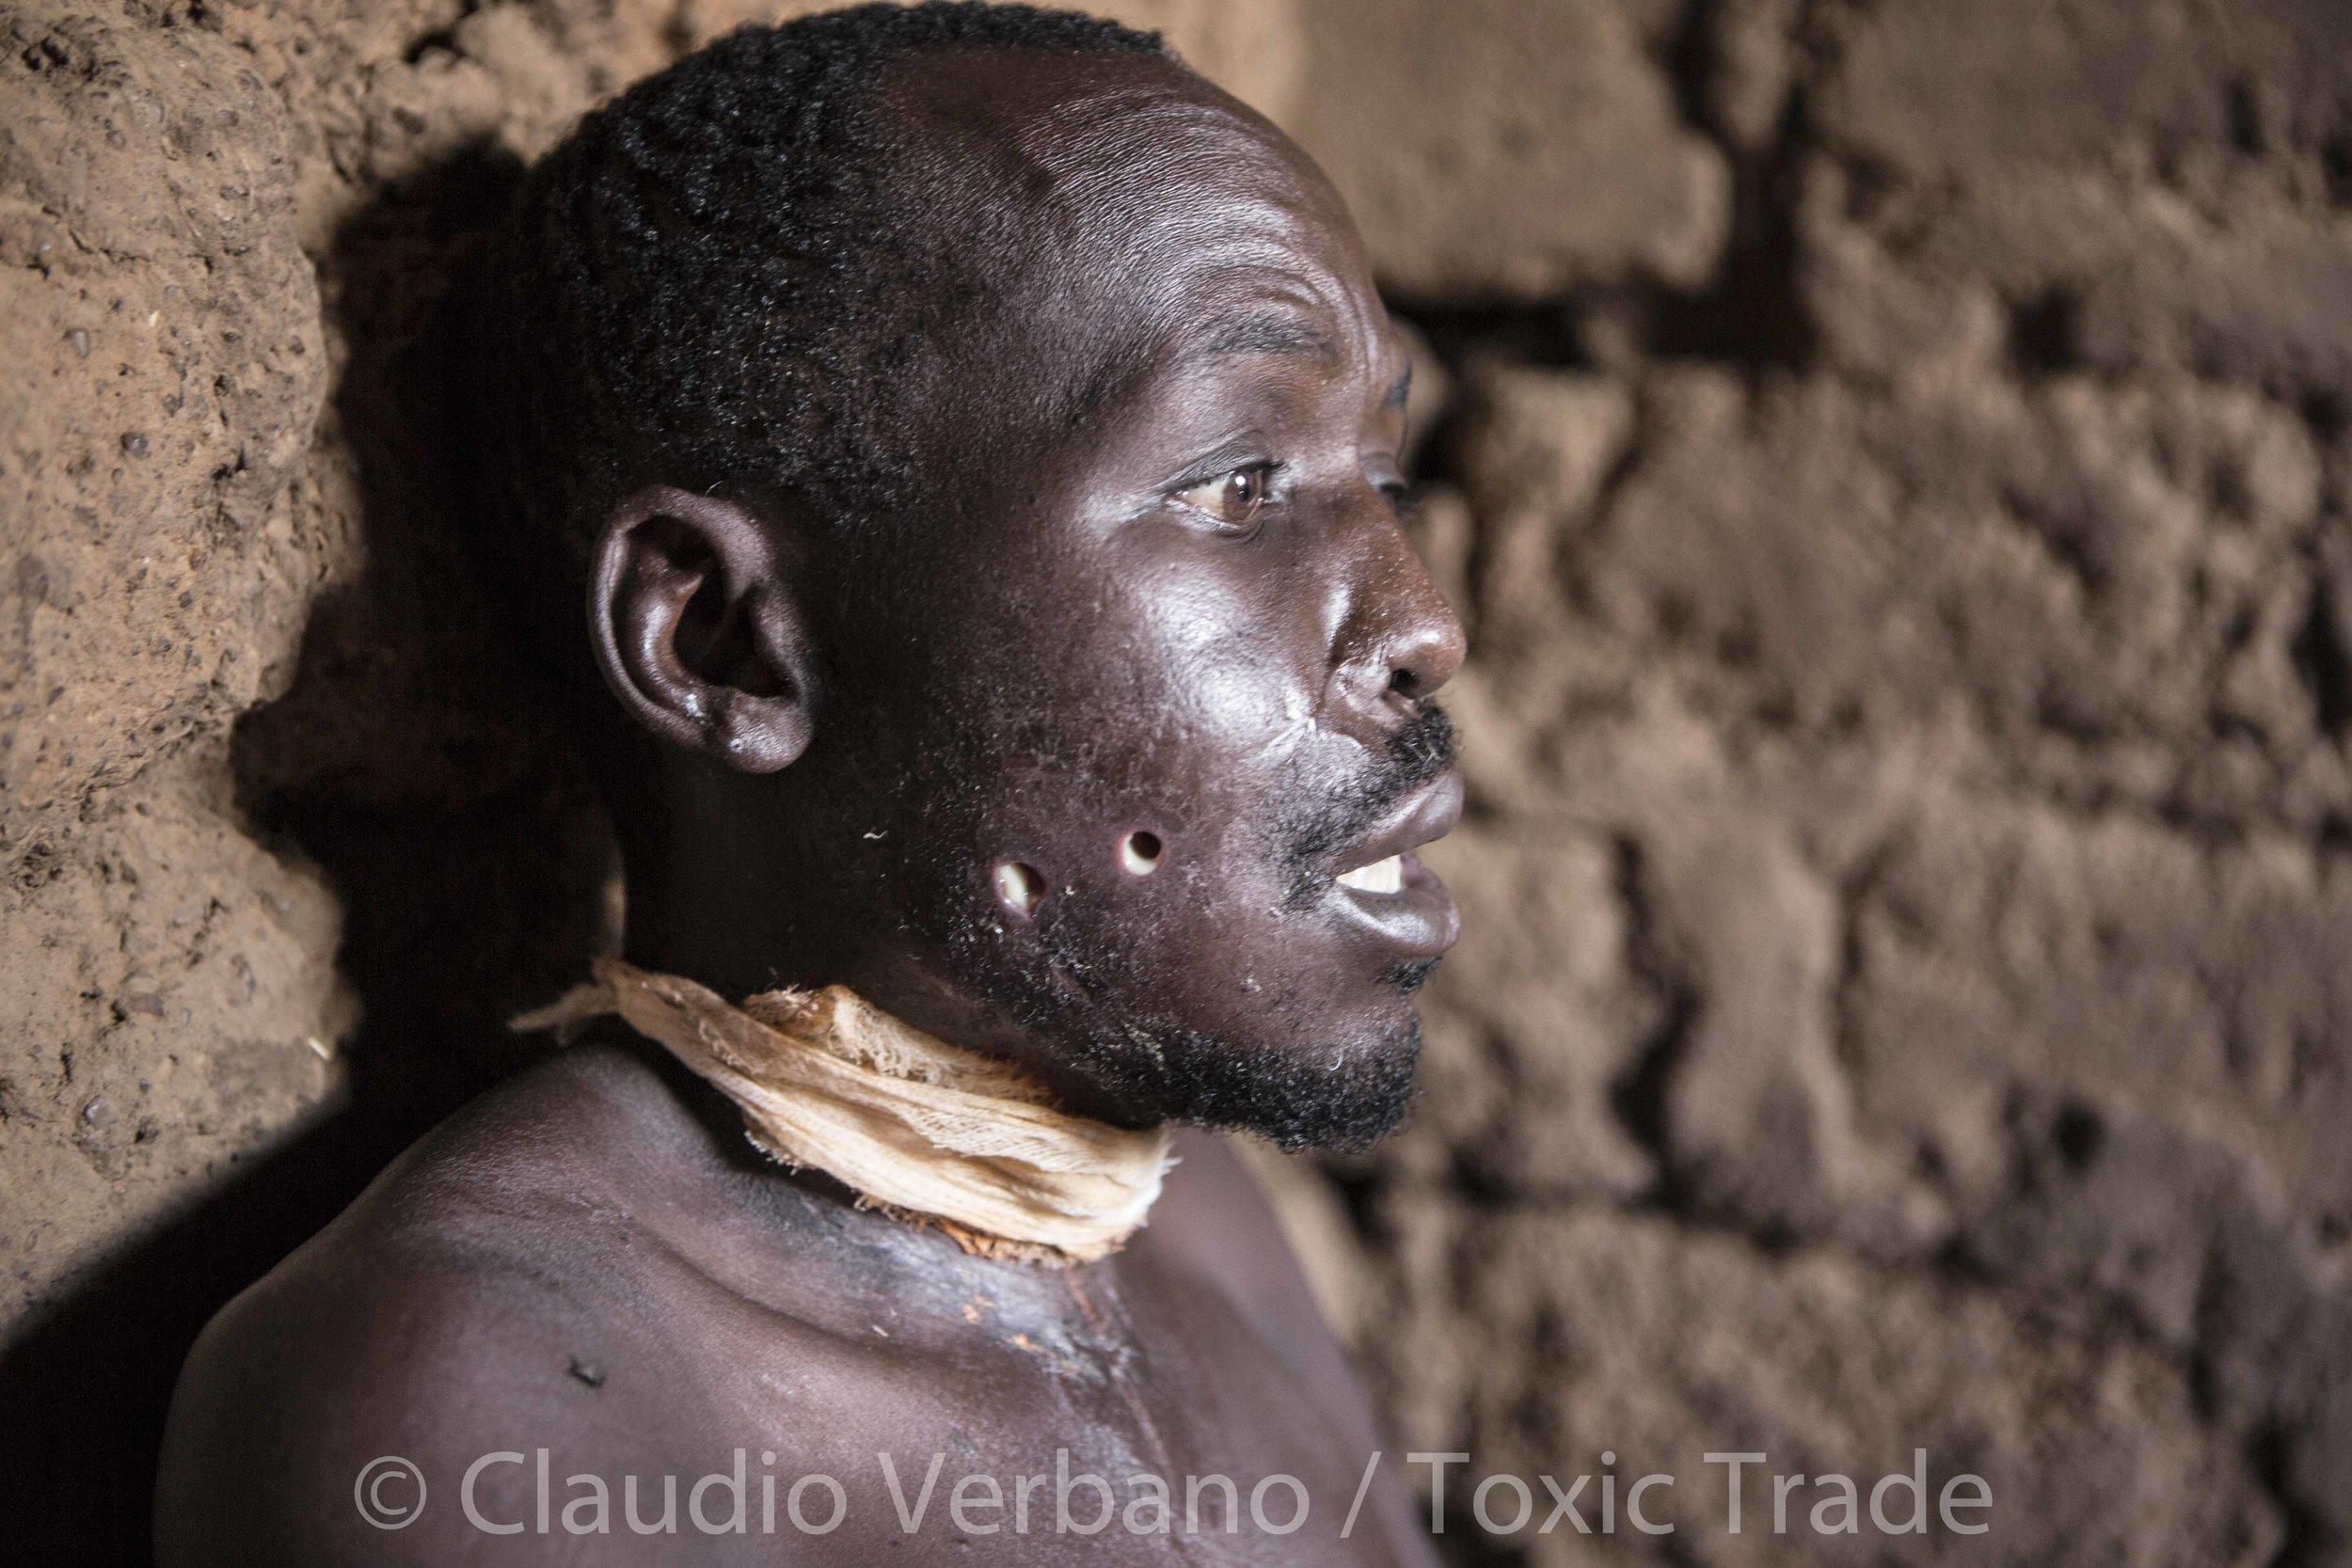 ClaudioVerbano_ToxicTrade_web_38.jpg